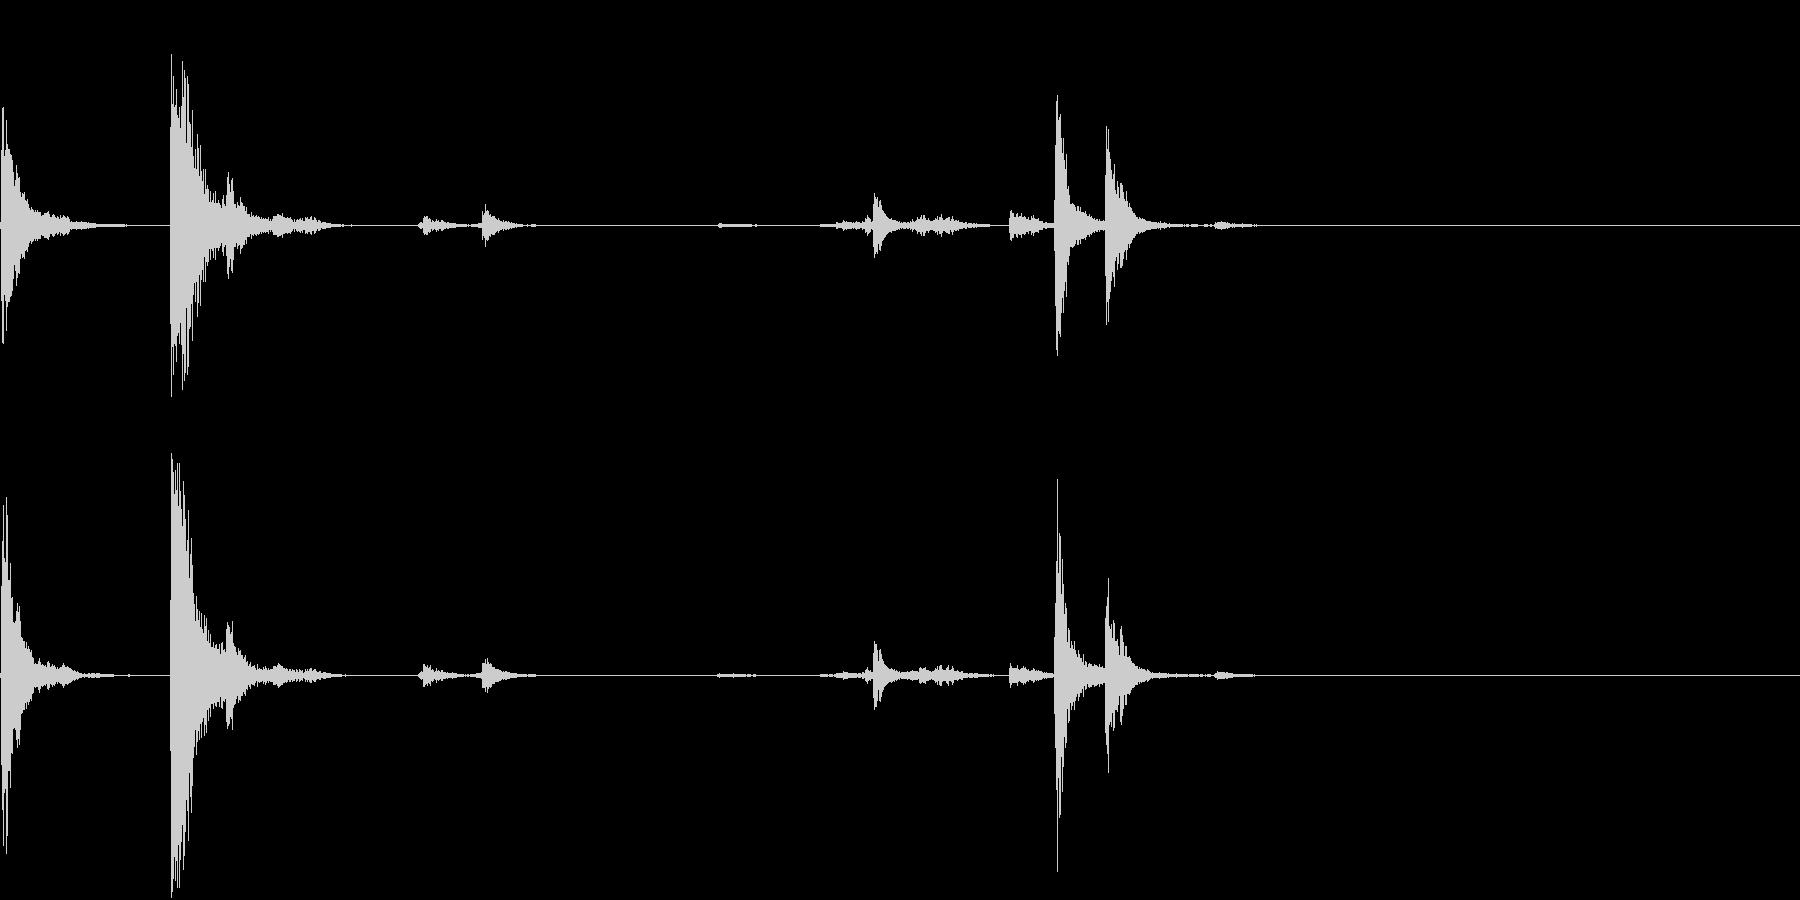 【生録音】猛獣を繋ぐような重厚な鎖の音3の未再生の波形